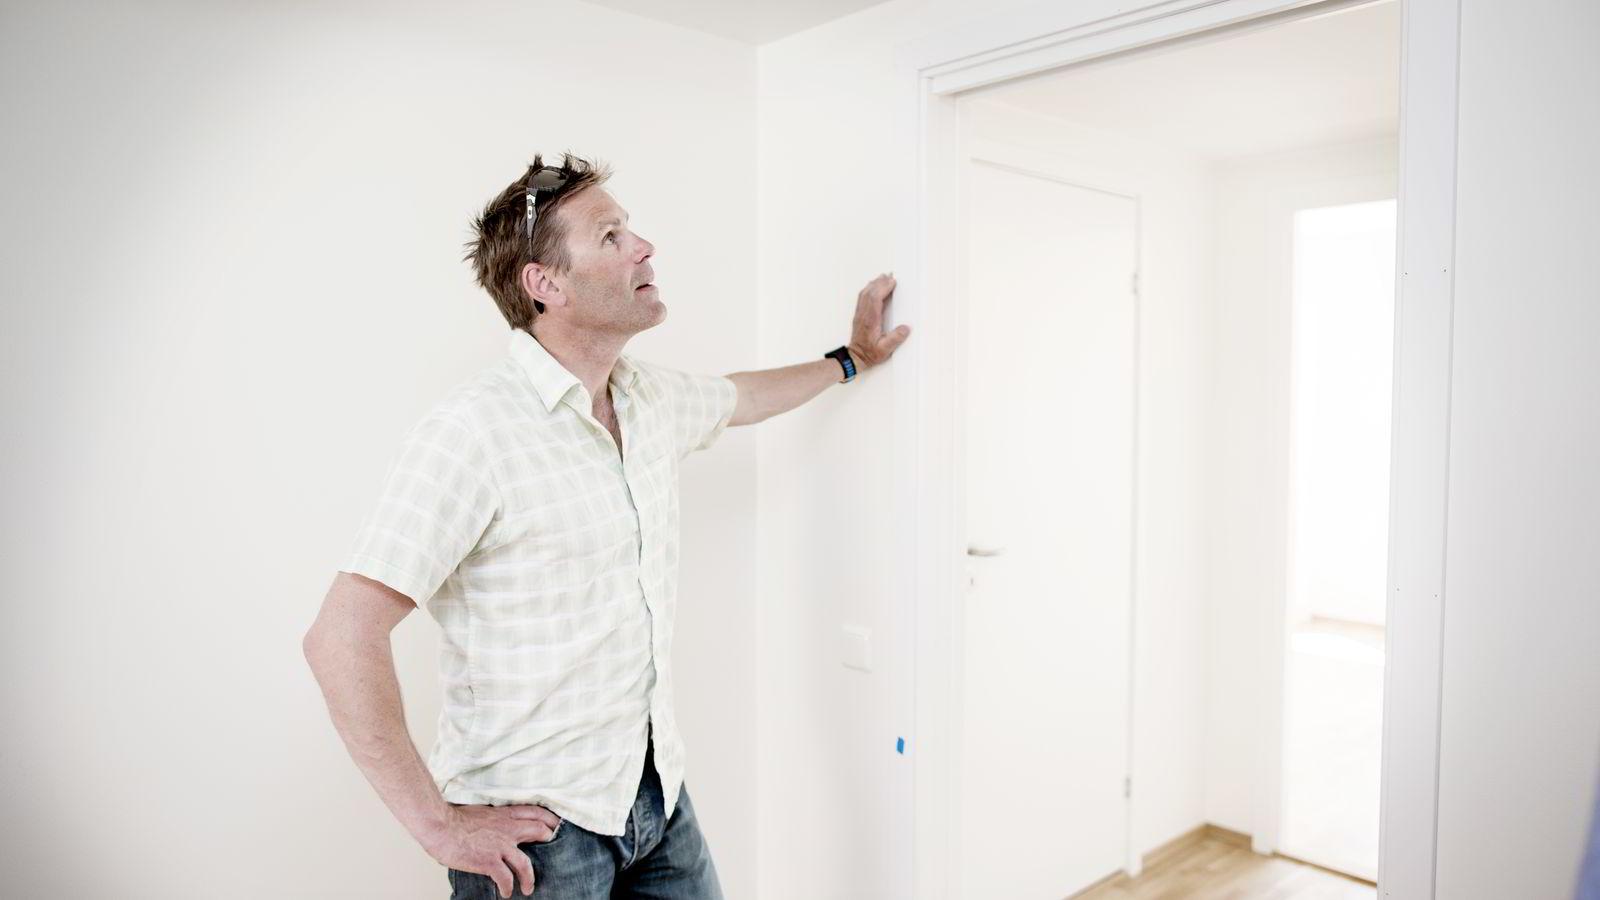 Ingard Langseth fra Oppdal kjøpte en leilighet på Ensjø i Oslo som han overtar nå.  Foto: Ida von Hanno Bast